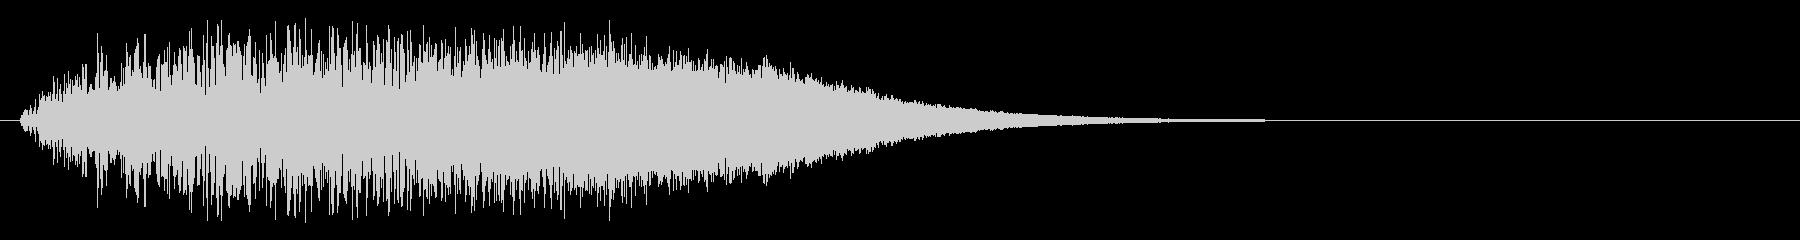 上昇系グリッサンド(キーA)の未再生の波形